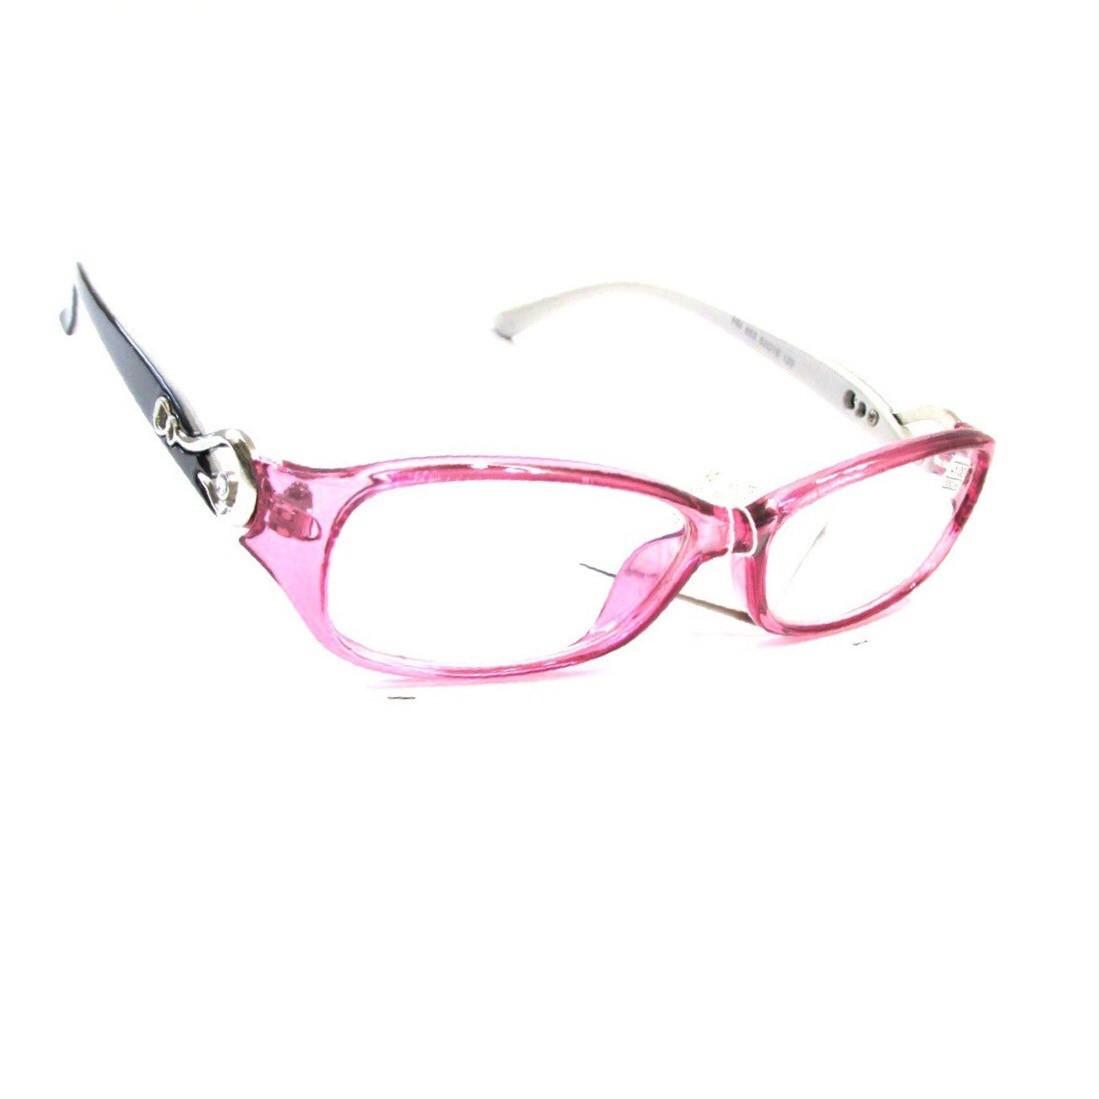 Жіночі окуляри з лінзою бликовой